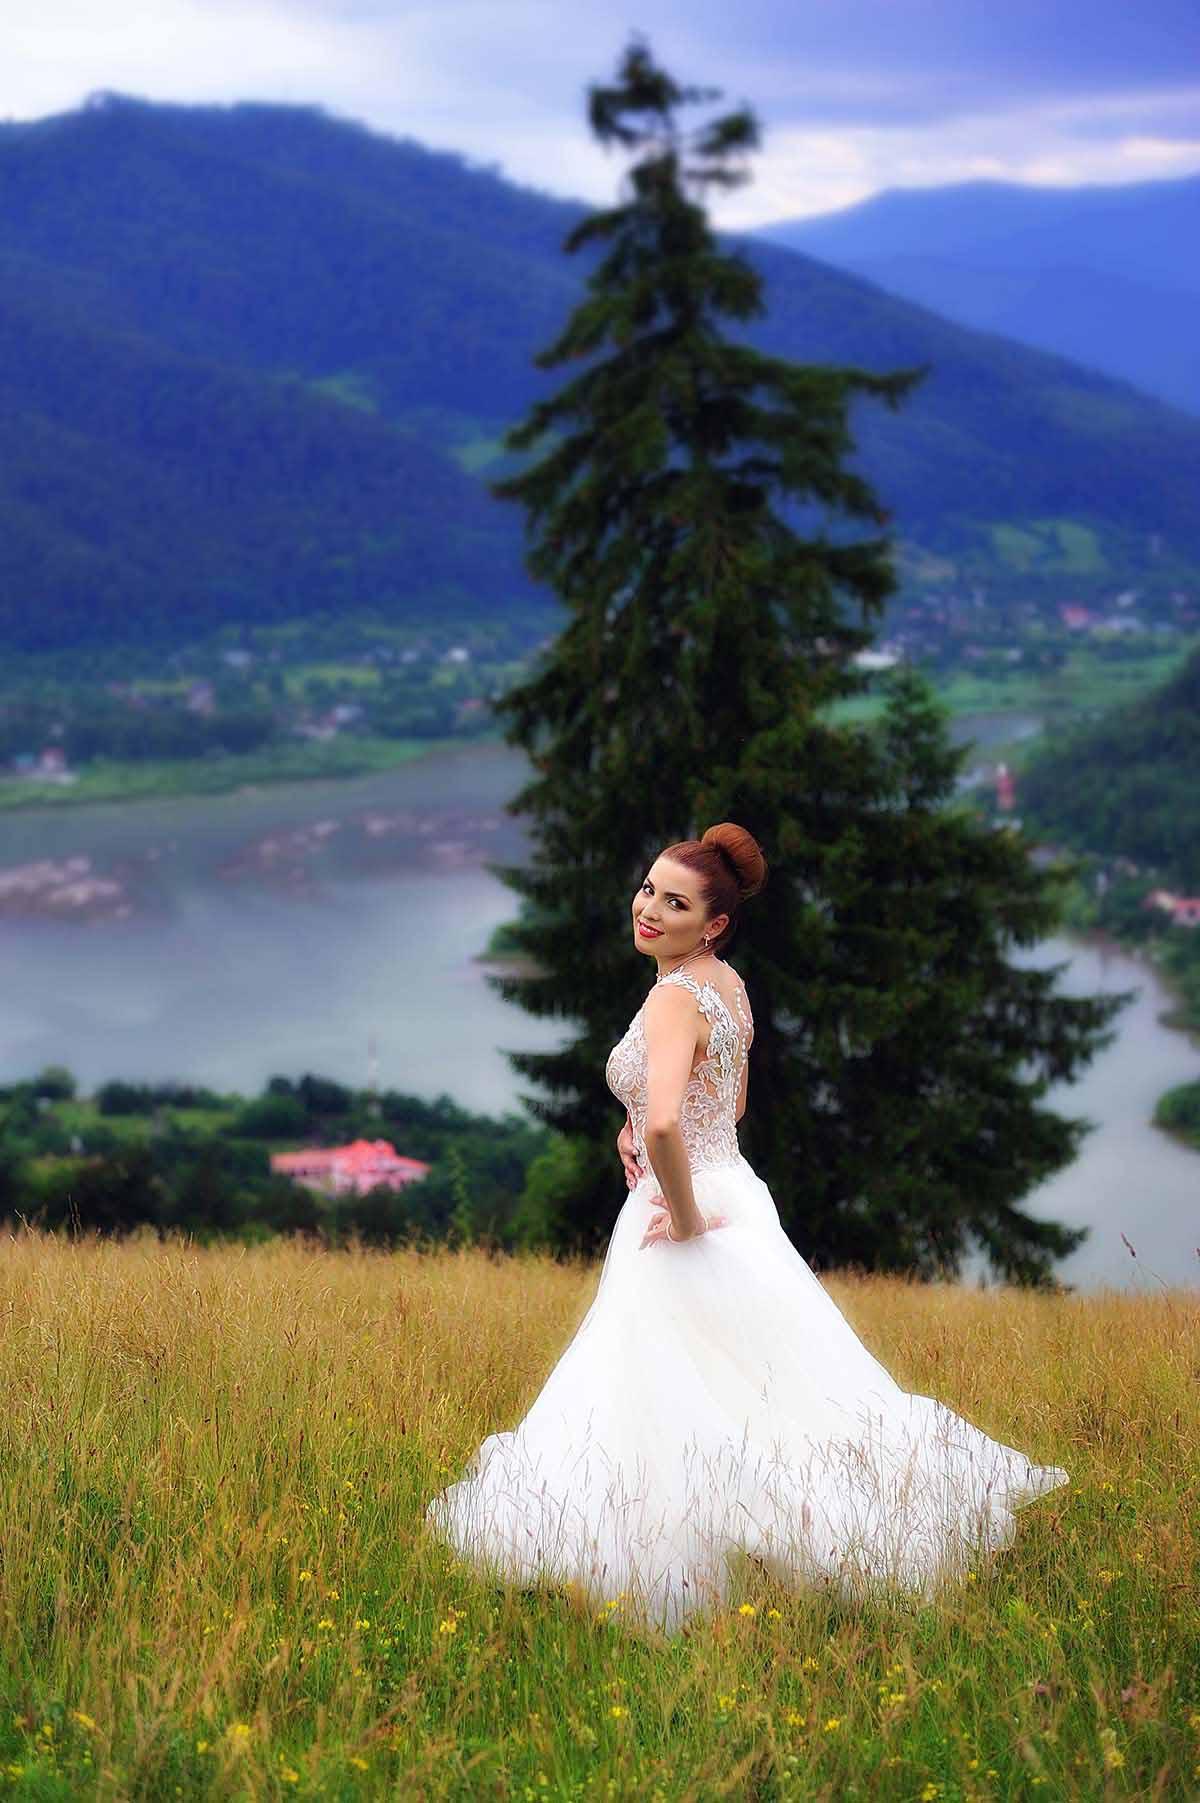 Fotografii realizate dupa nunta Piatra Neamt